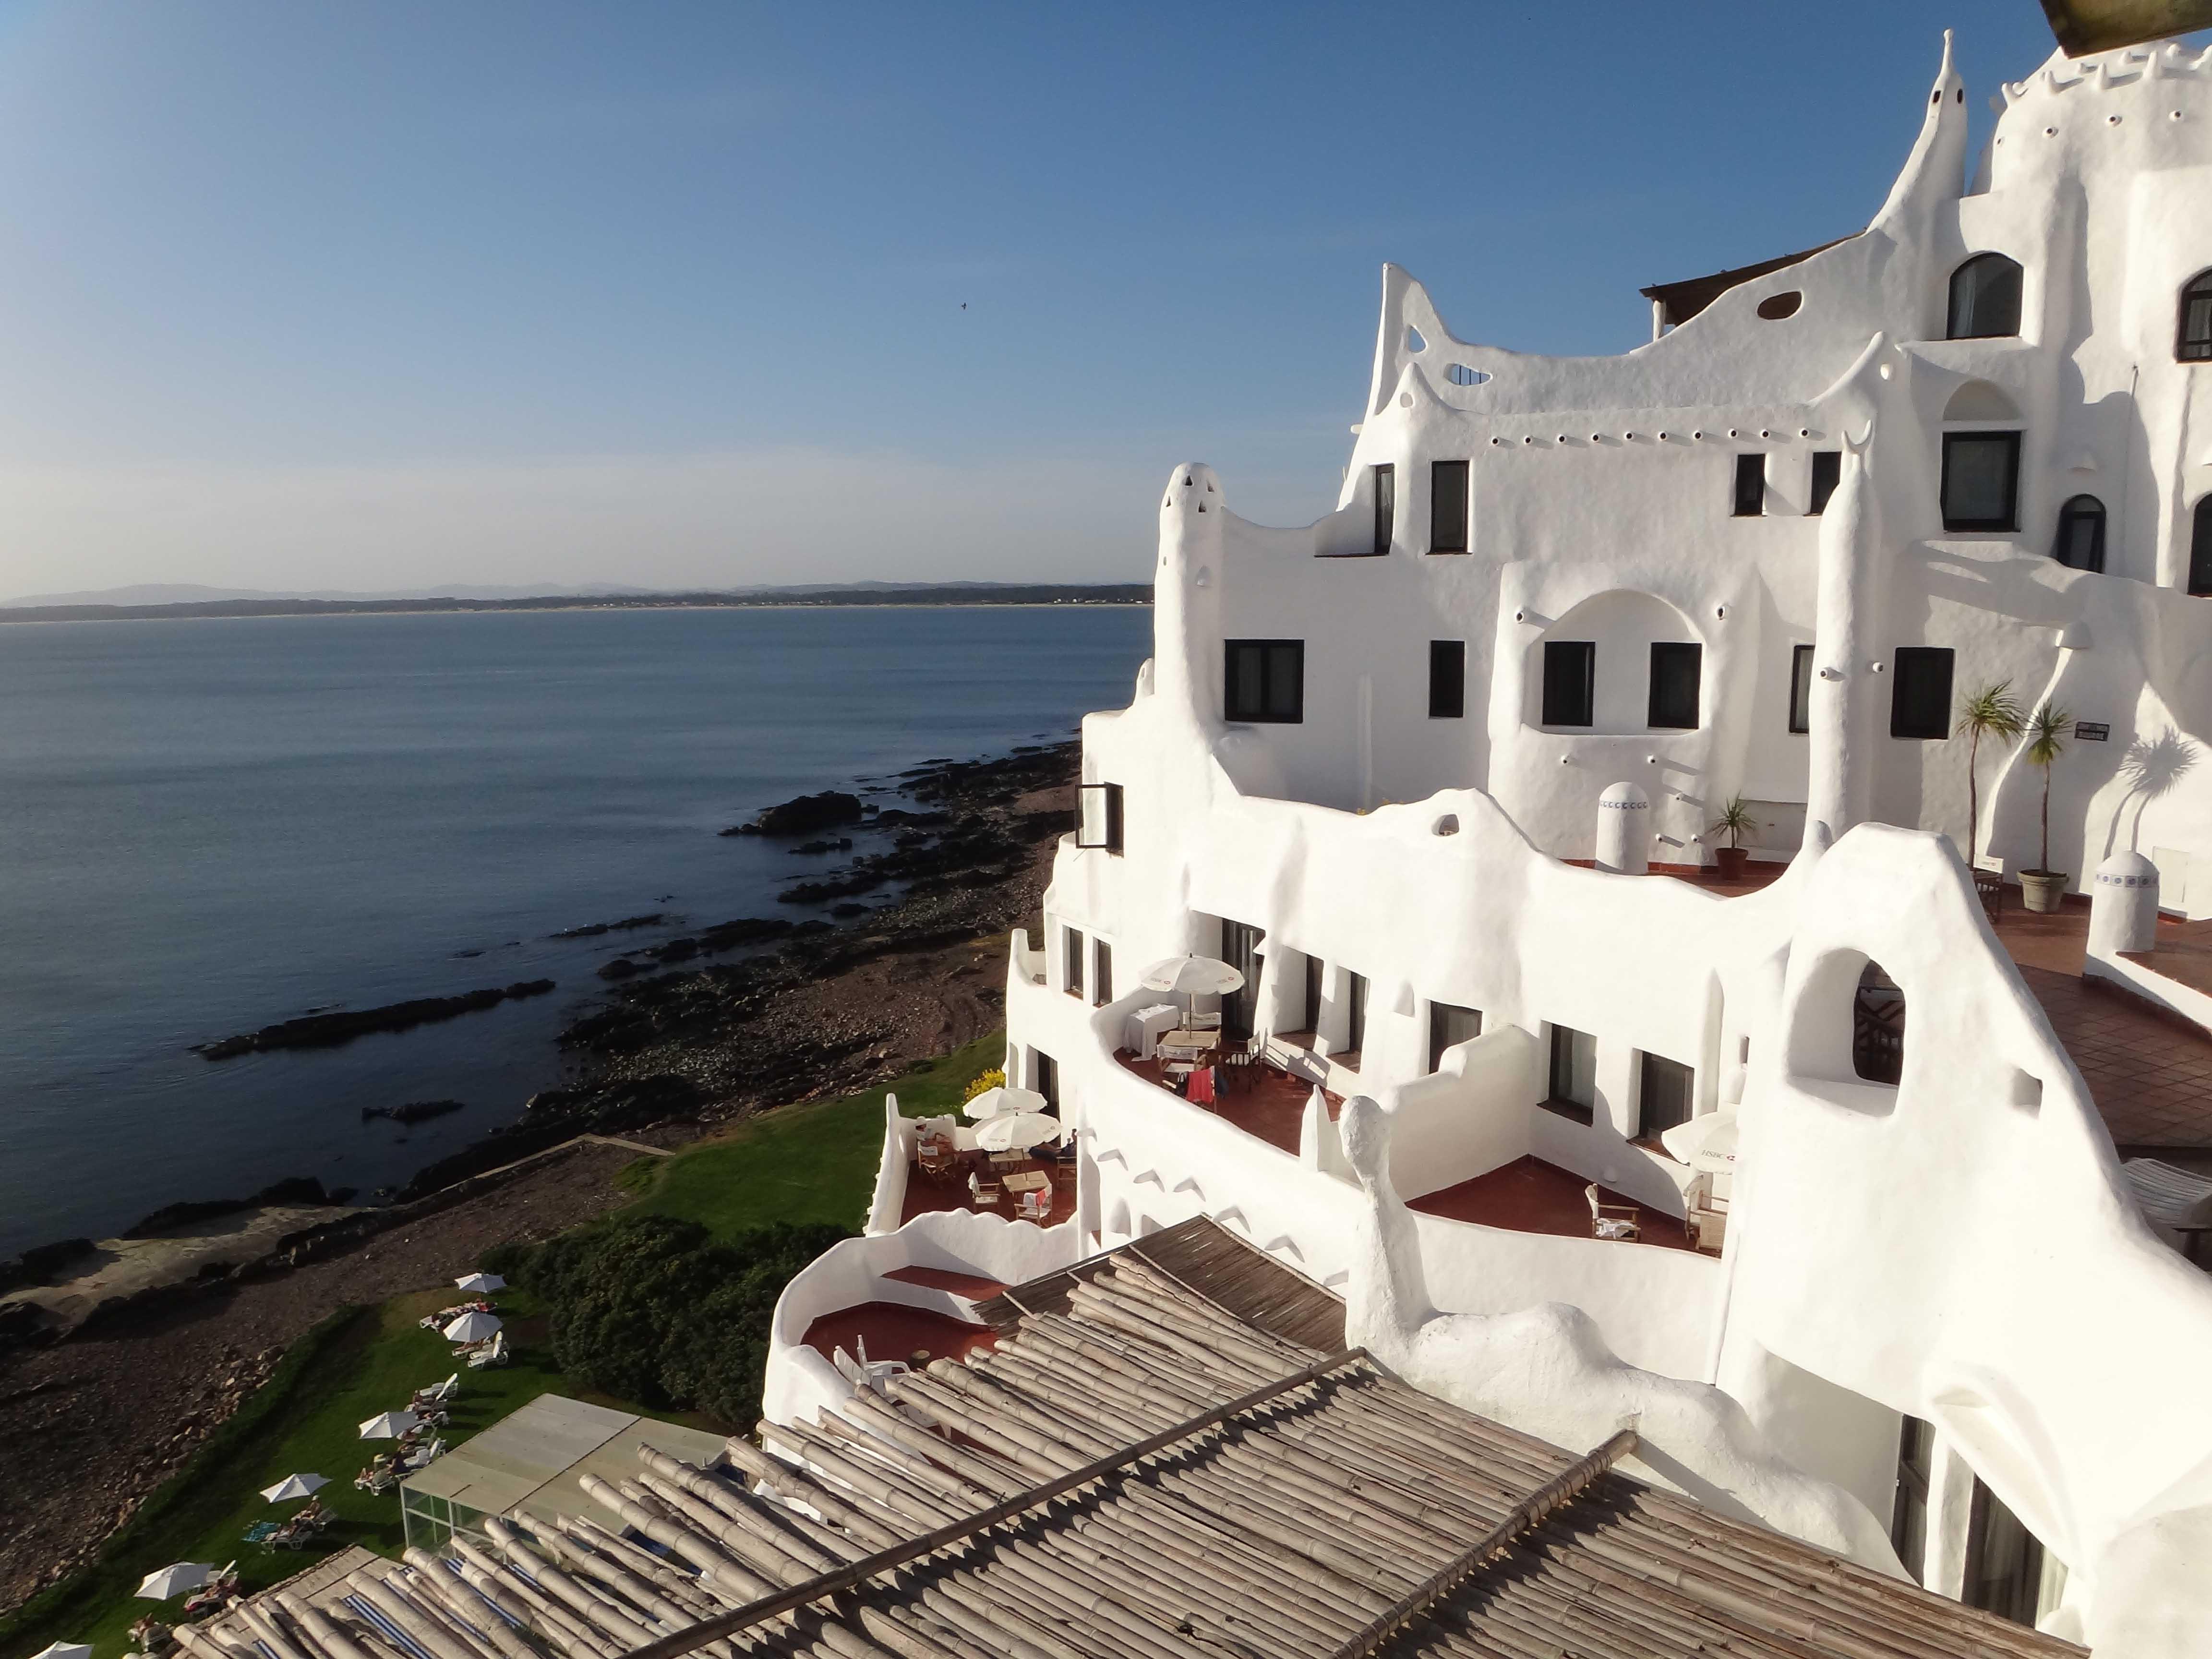 Casapueblo Punta del Este